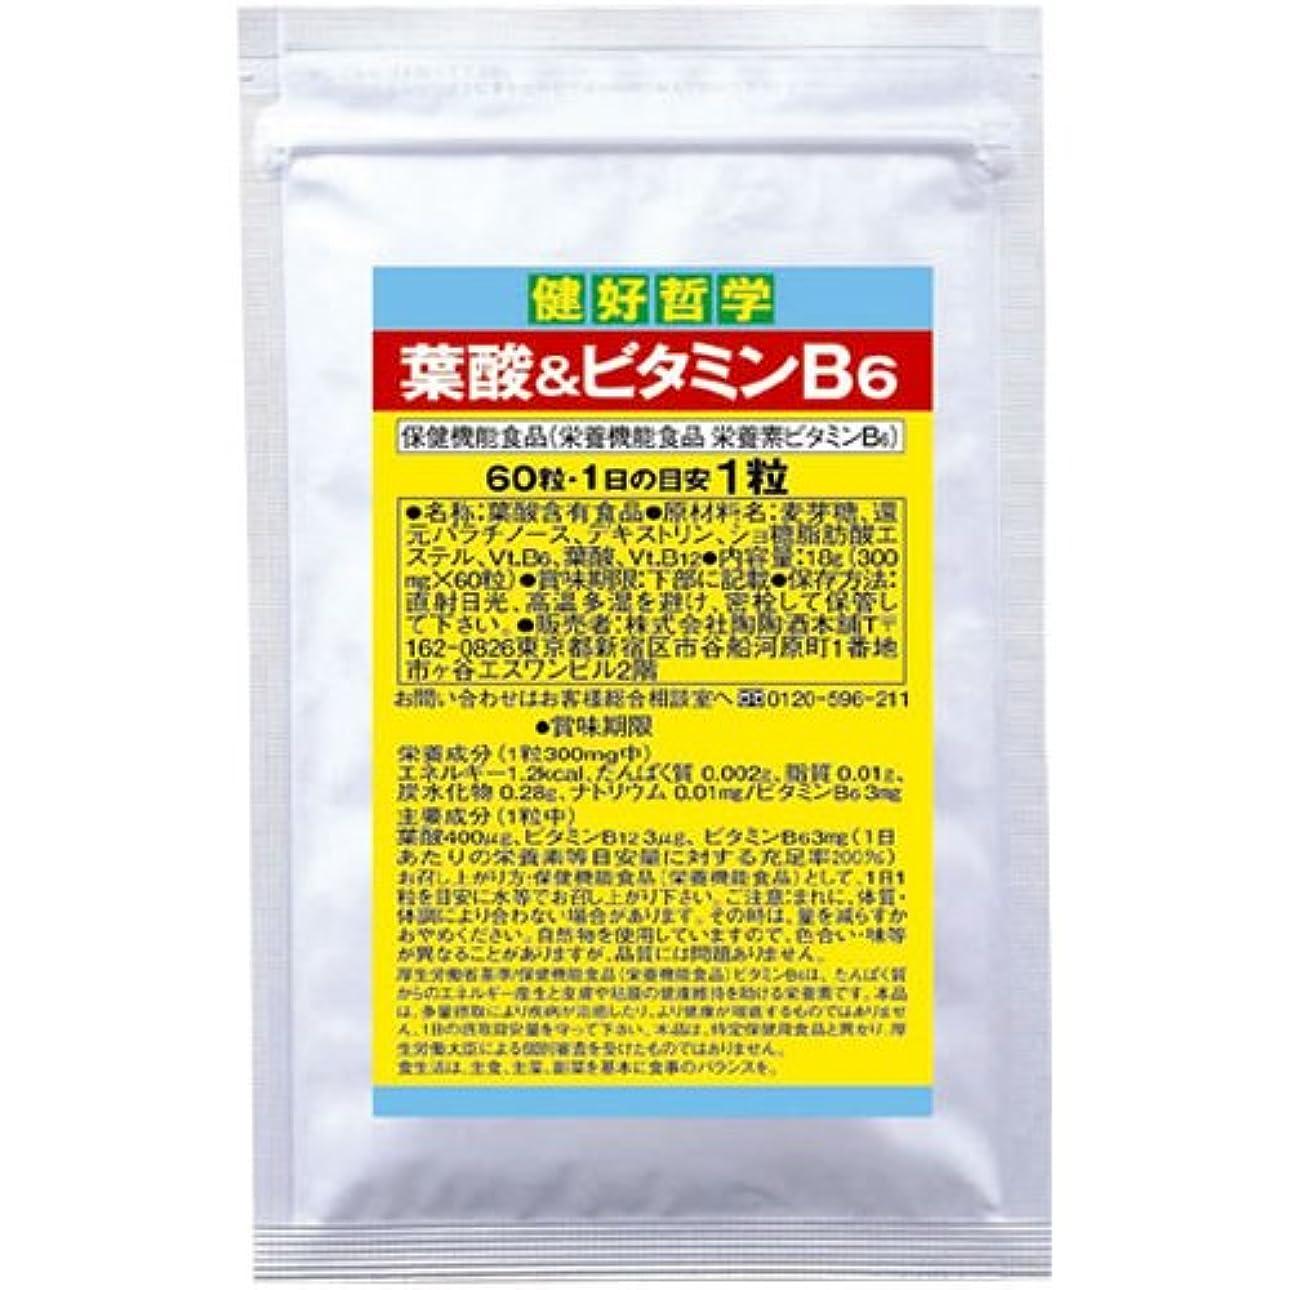 つかむ残忍な免疫する陶陶酒本舗 健好哲学 葉酸&ビタミンB6 60粒